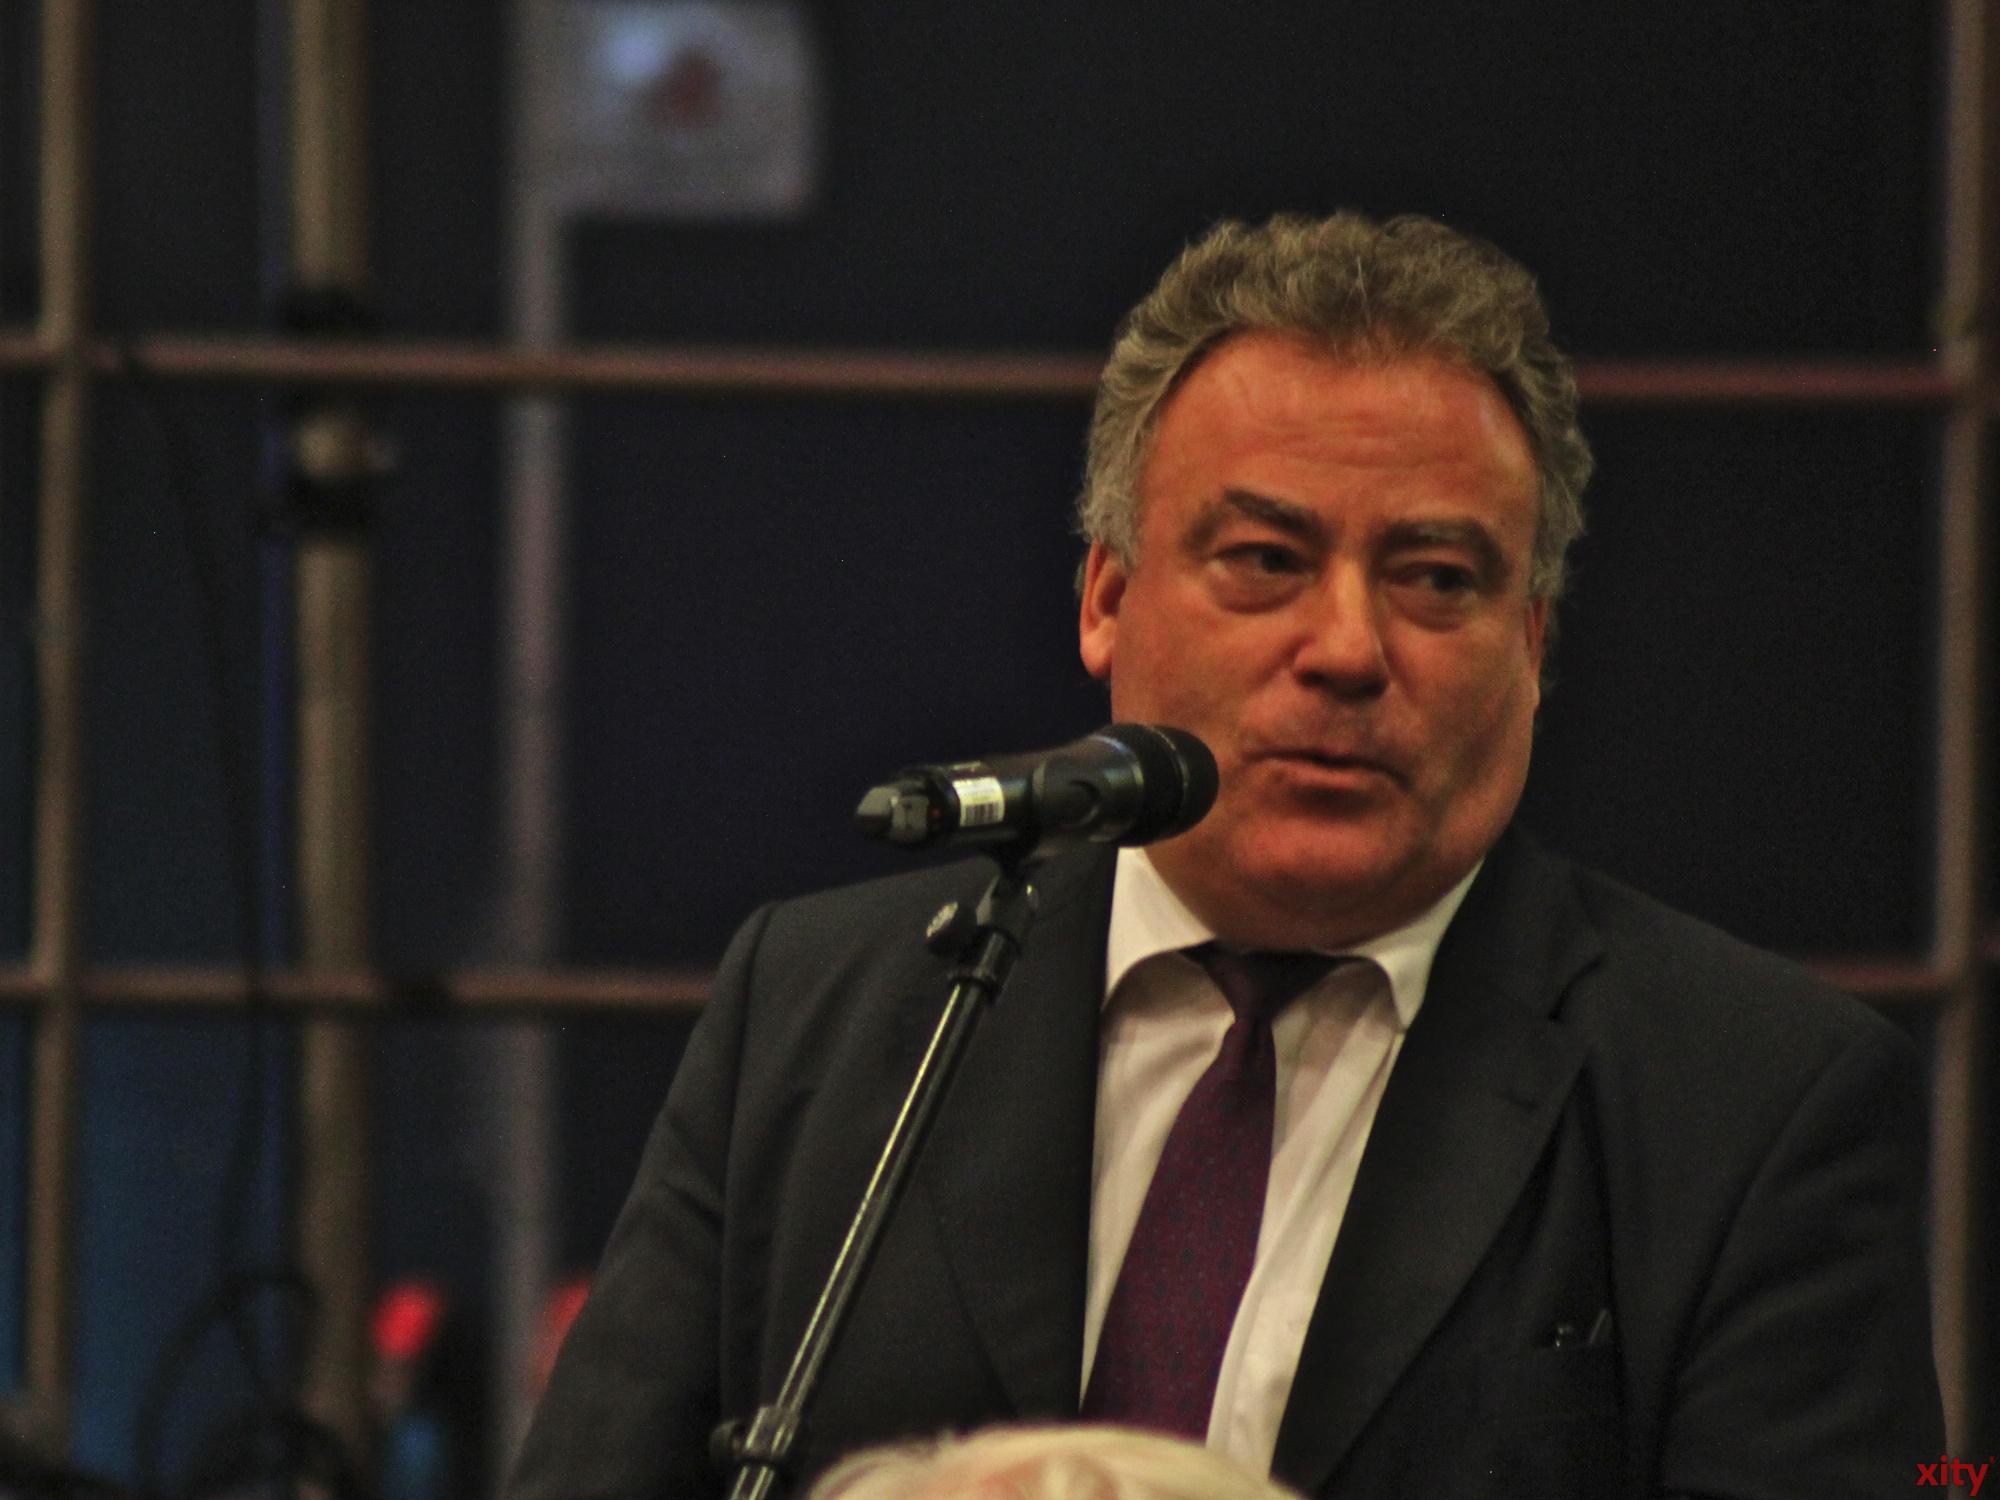 Olaf Lehne erzielte 157 Stimmen für den Düsseldorfer Norden (Foto: xity)